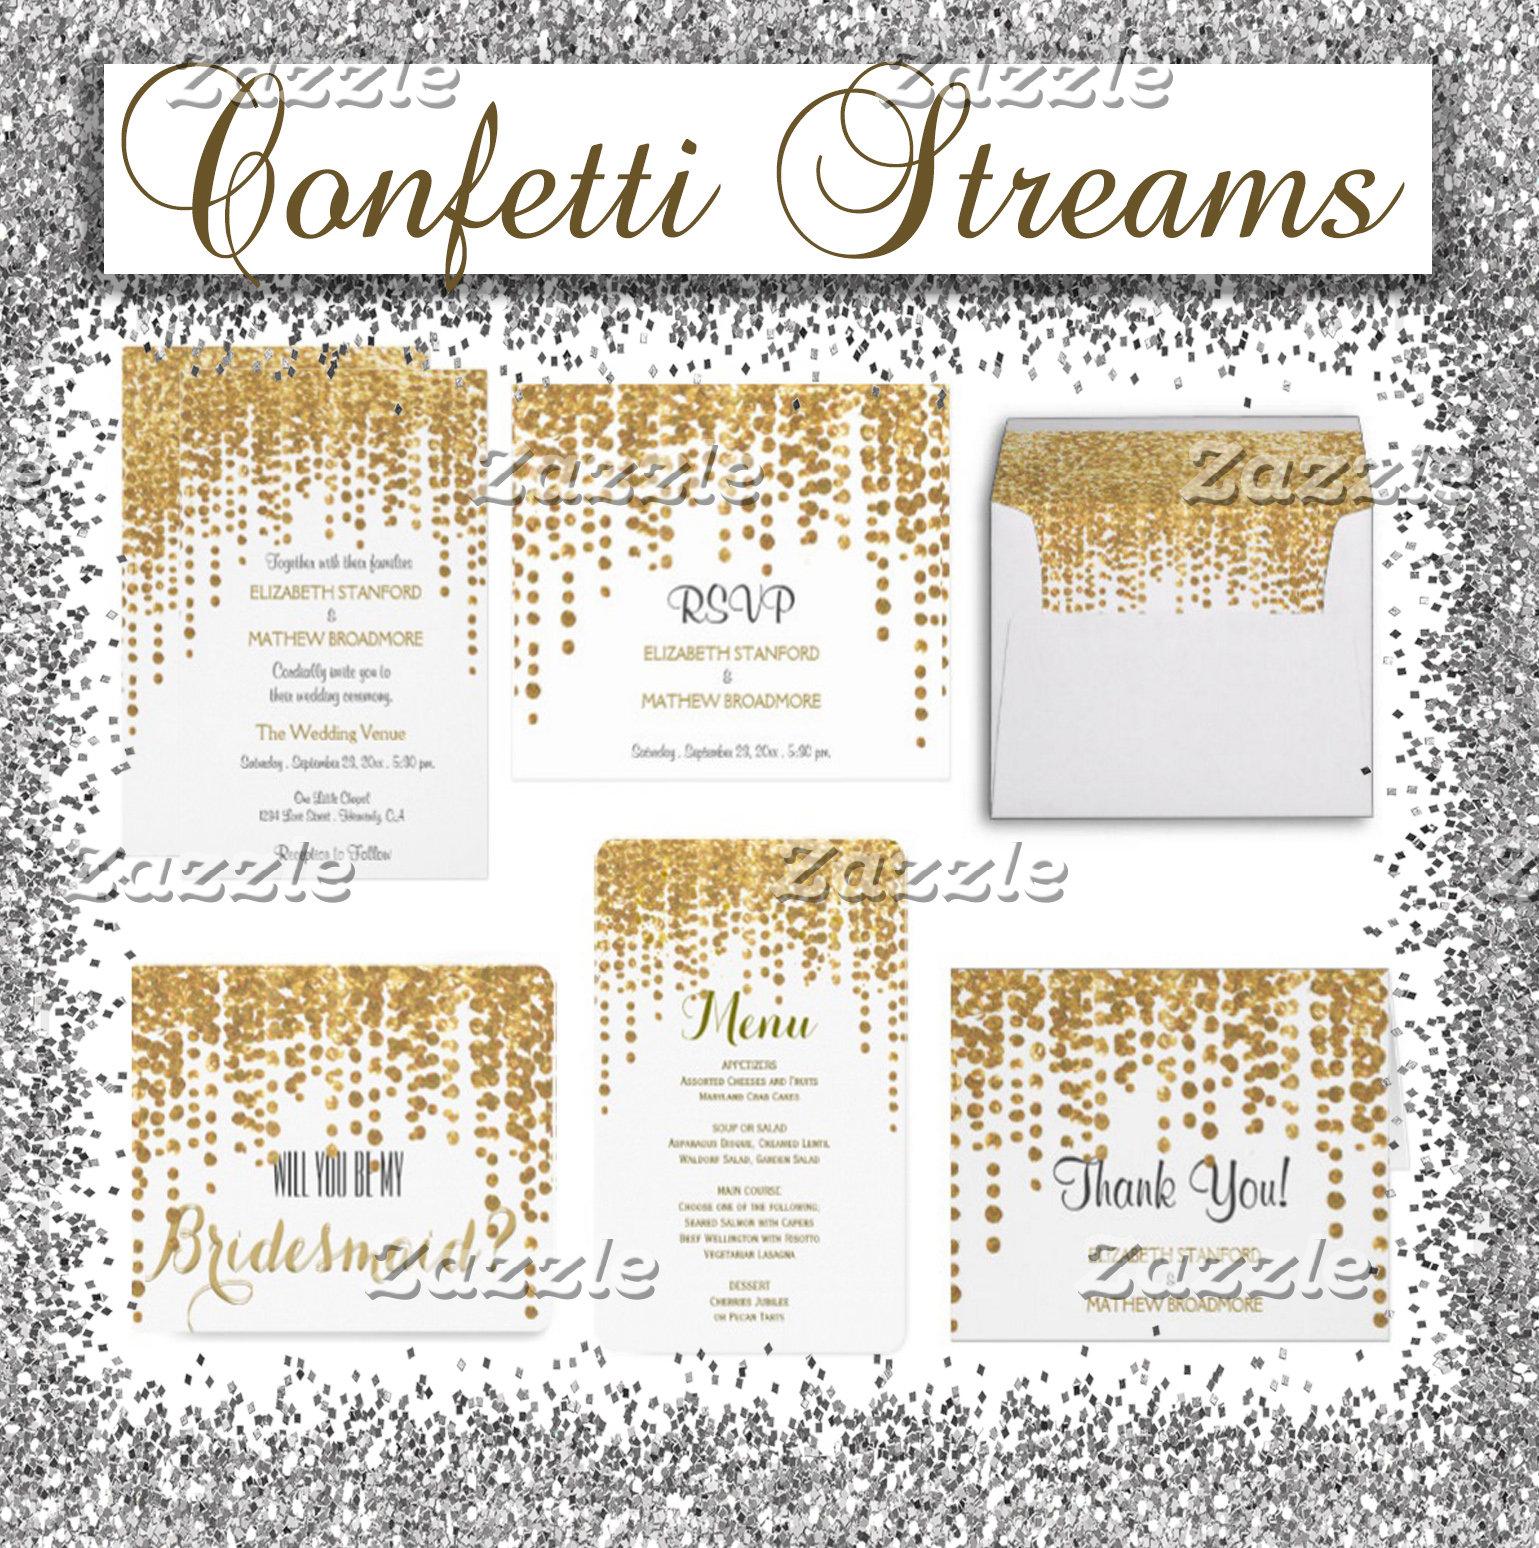 Confetti Streams